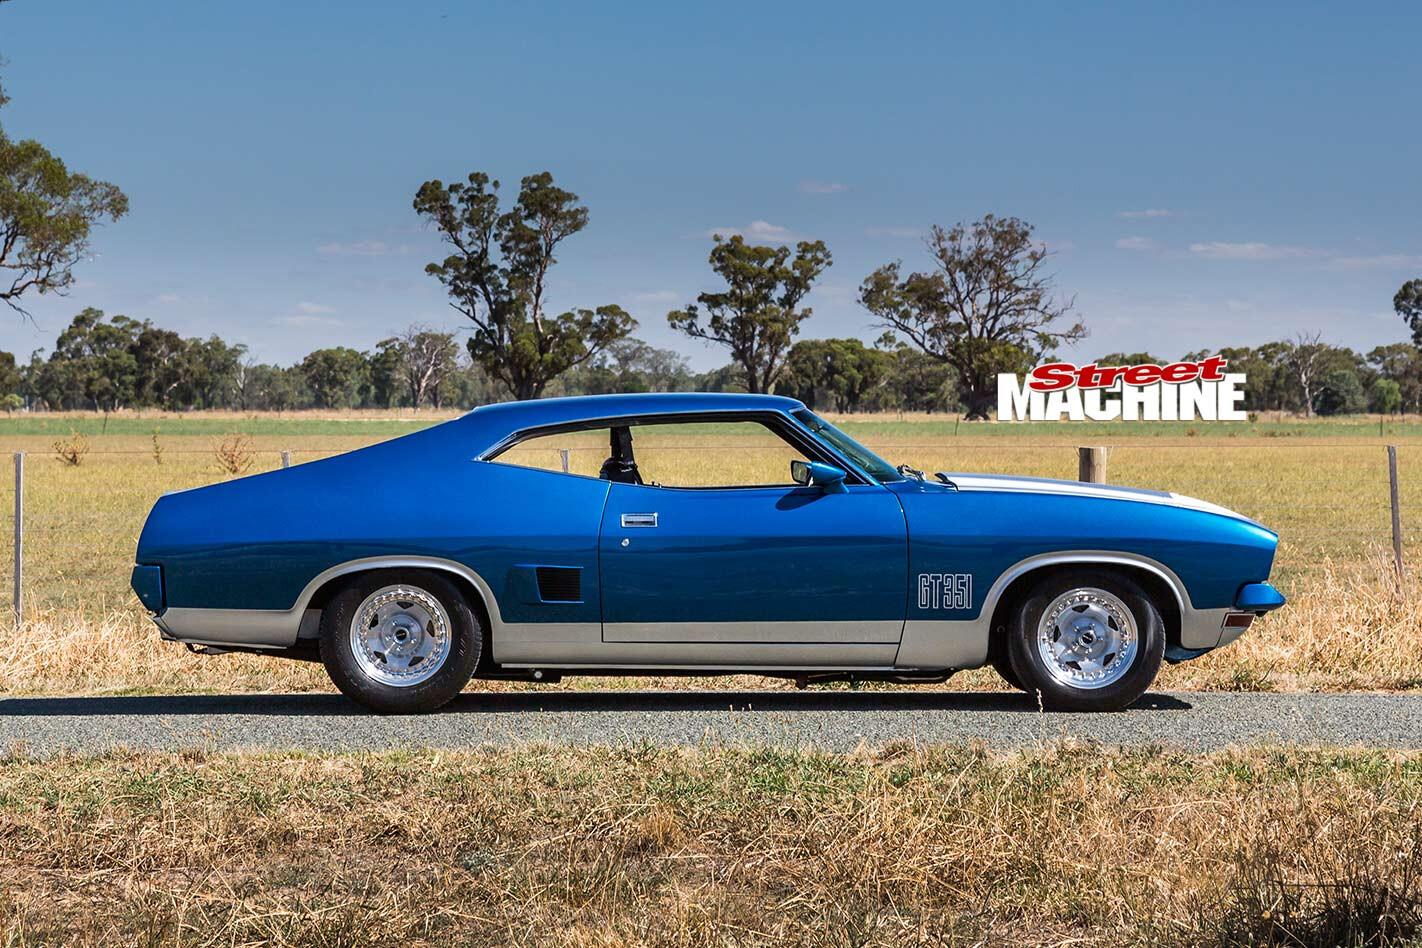 Ford Falcon XB side